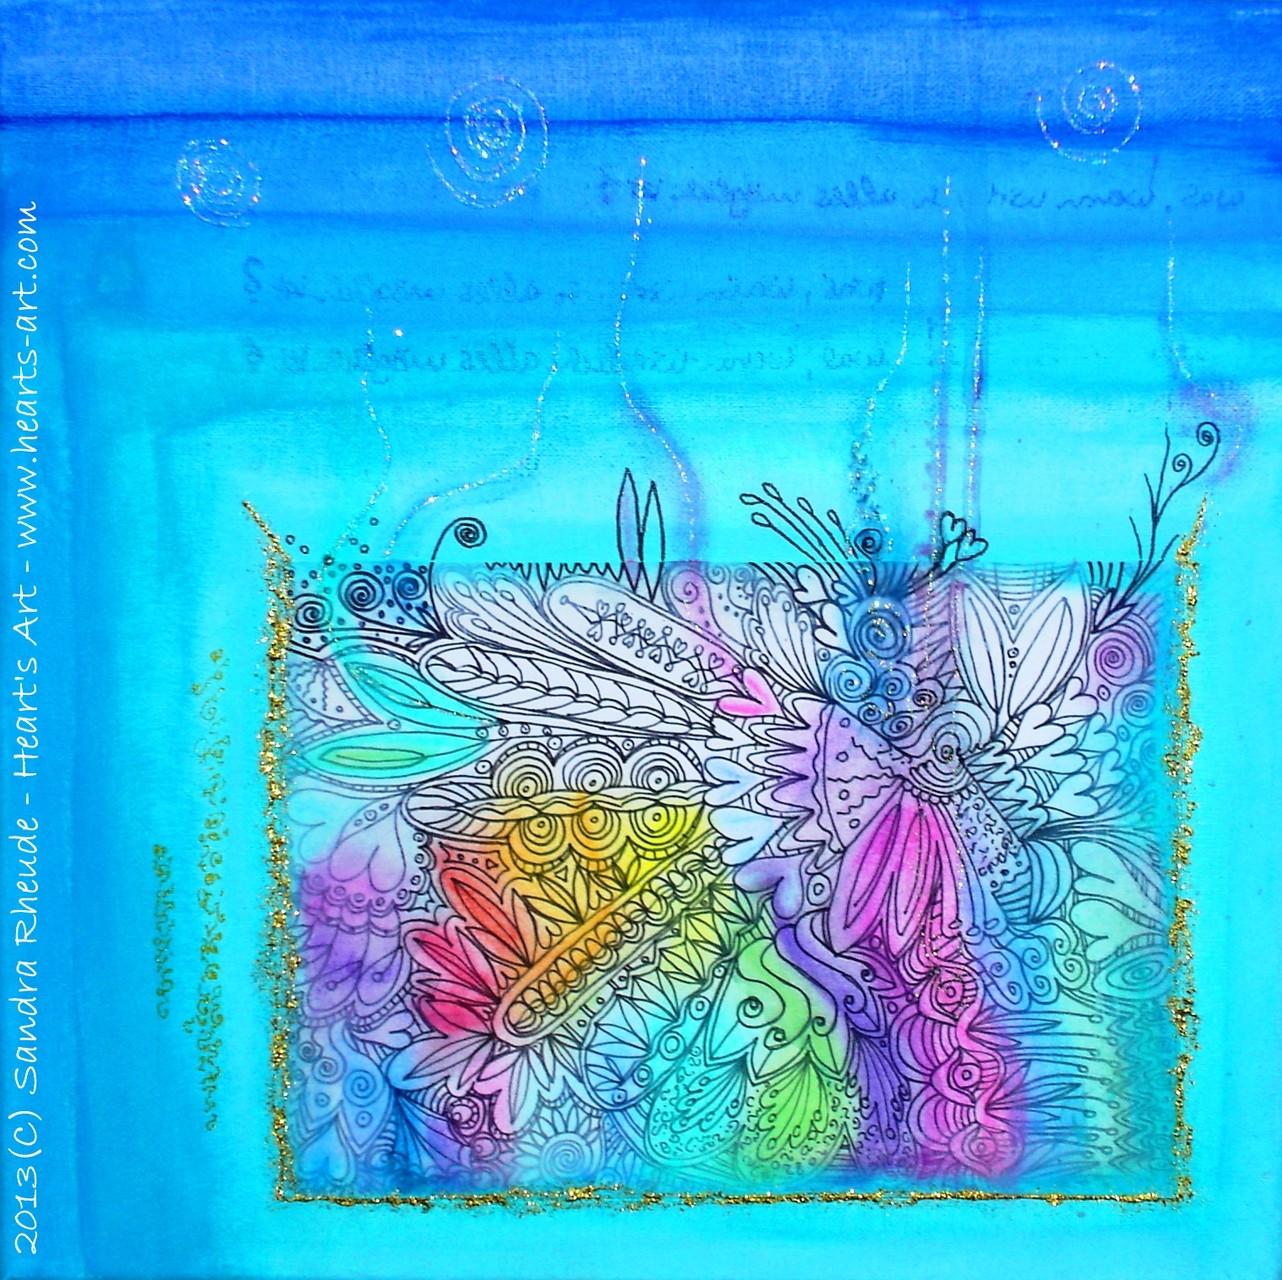 'Was, wenn wirklich alles möglich ist?' - 2013/73 - Acryl/MixedMedia auf Leinwand - 30 x 30 cm - € 130